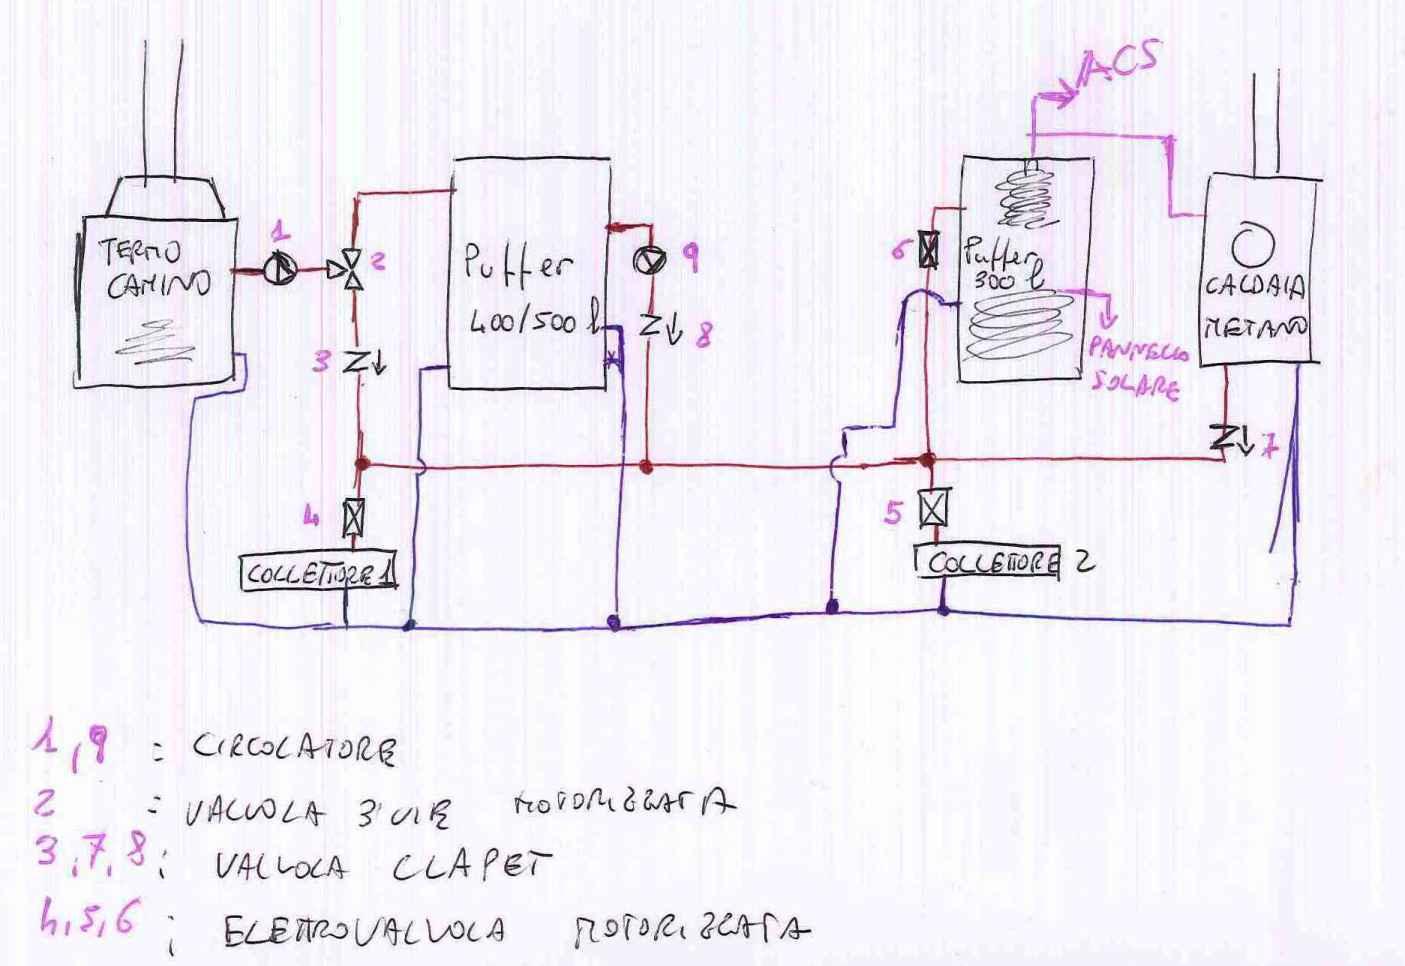 Schema Collegamento Puffer Cordivari : Scelta puffer pagina stufe termostufe termocamini